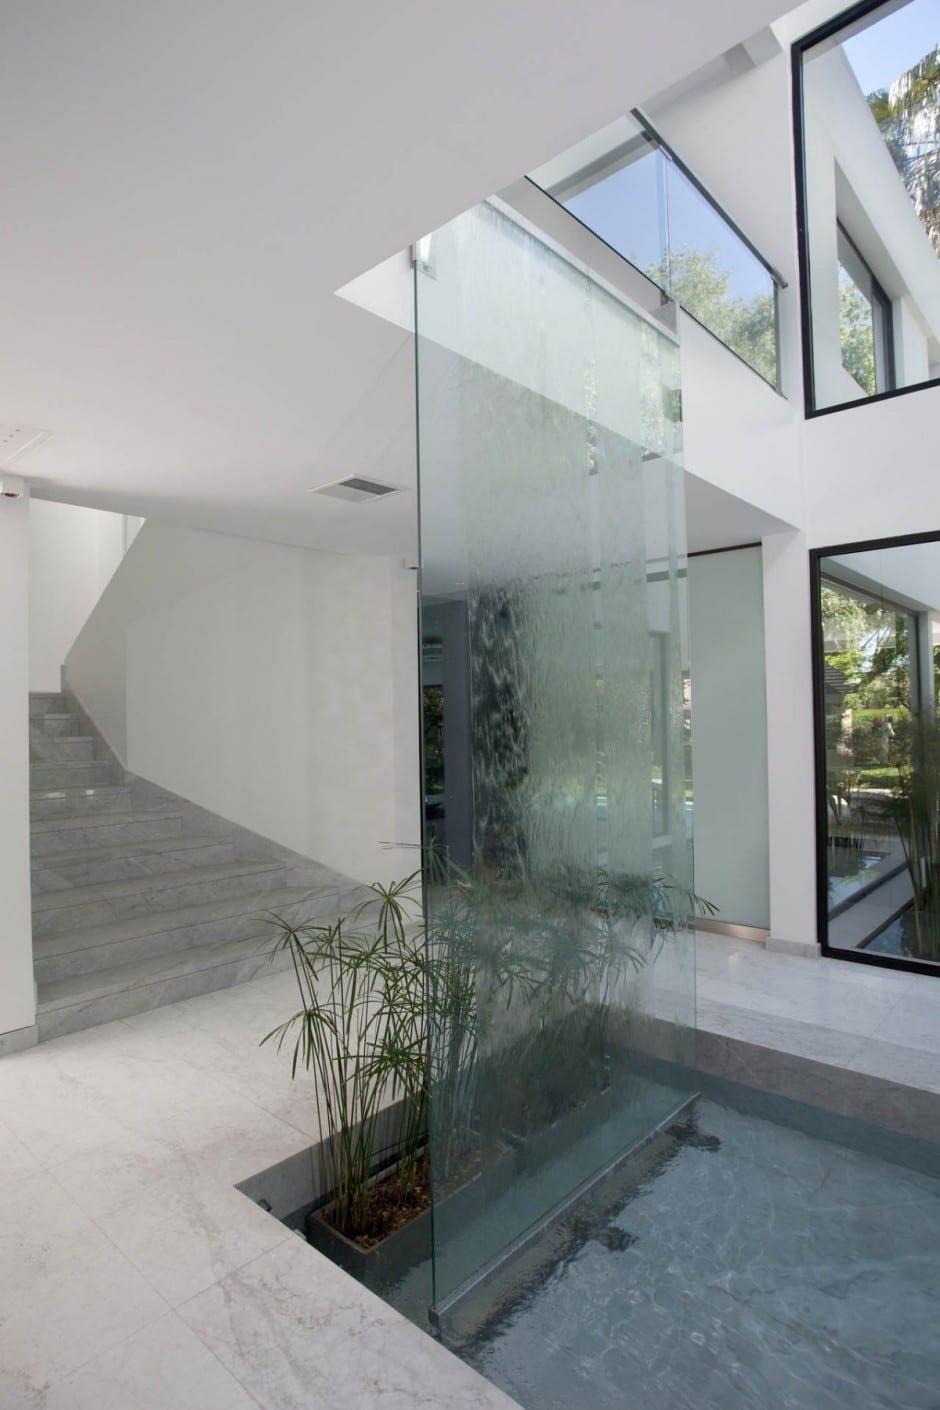 Innenraum Wassereinrichtung mit Glas-Wasserfall-Wand